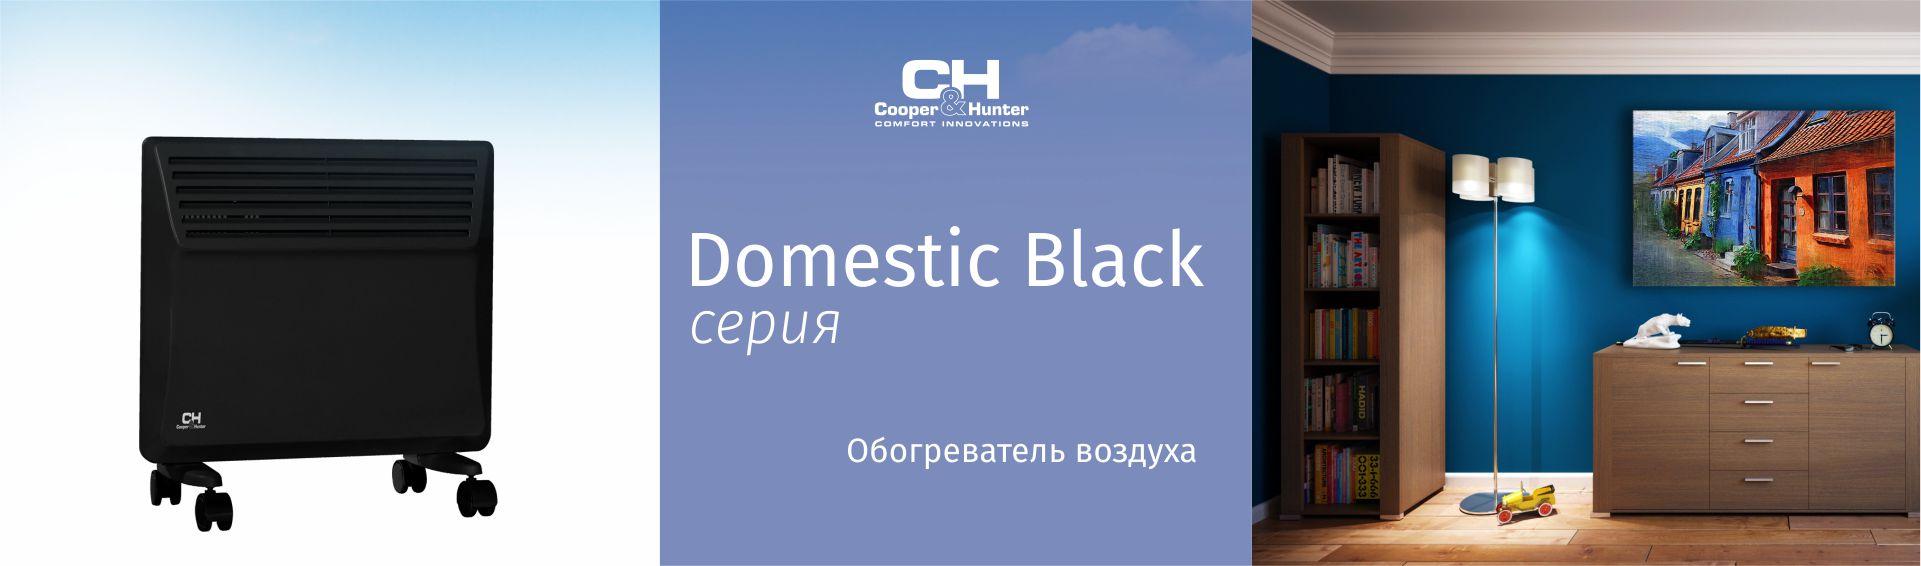 Серия Domestic Black (Механическое управление)